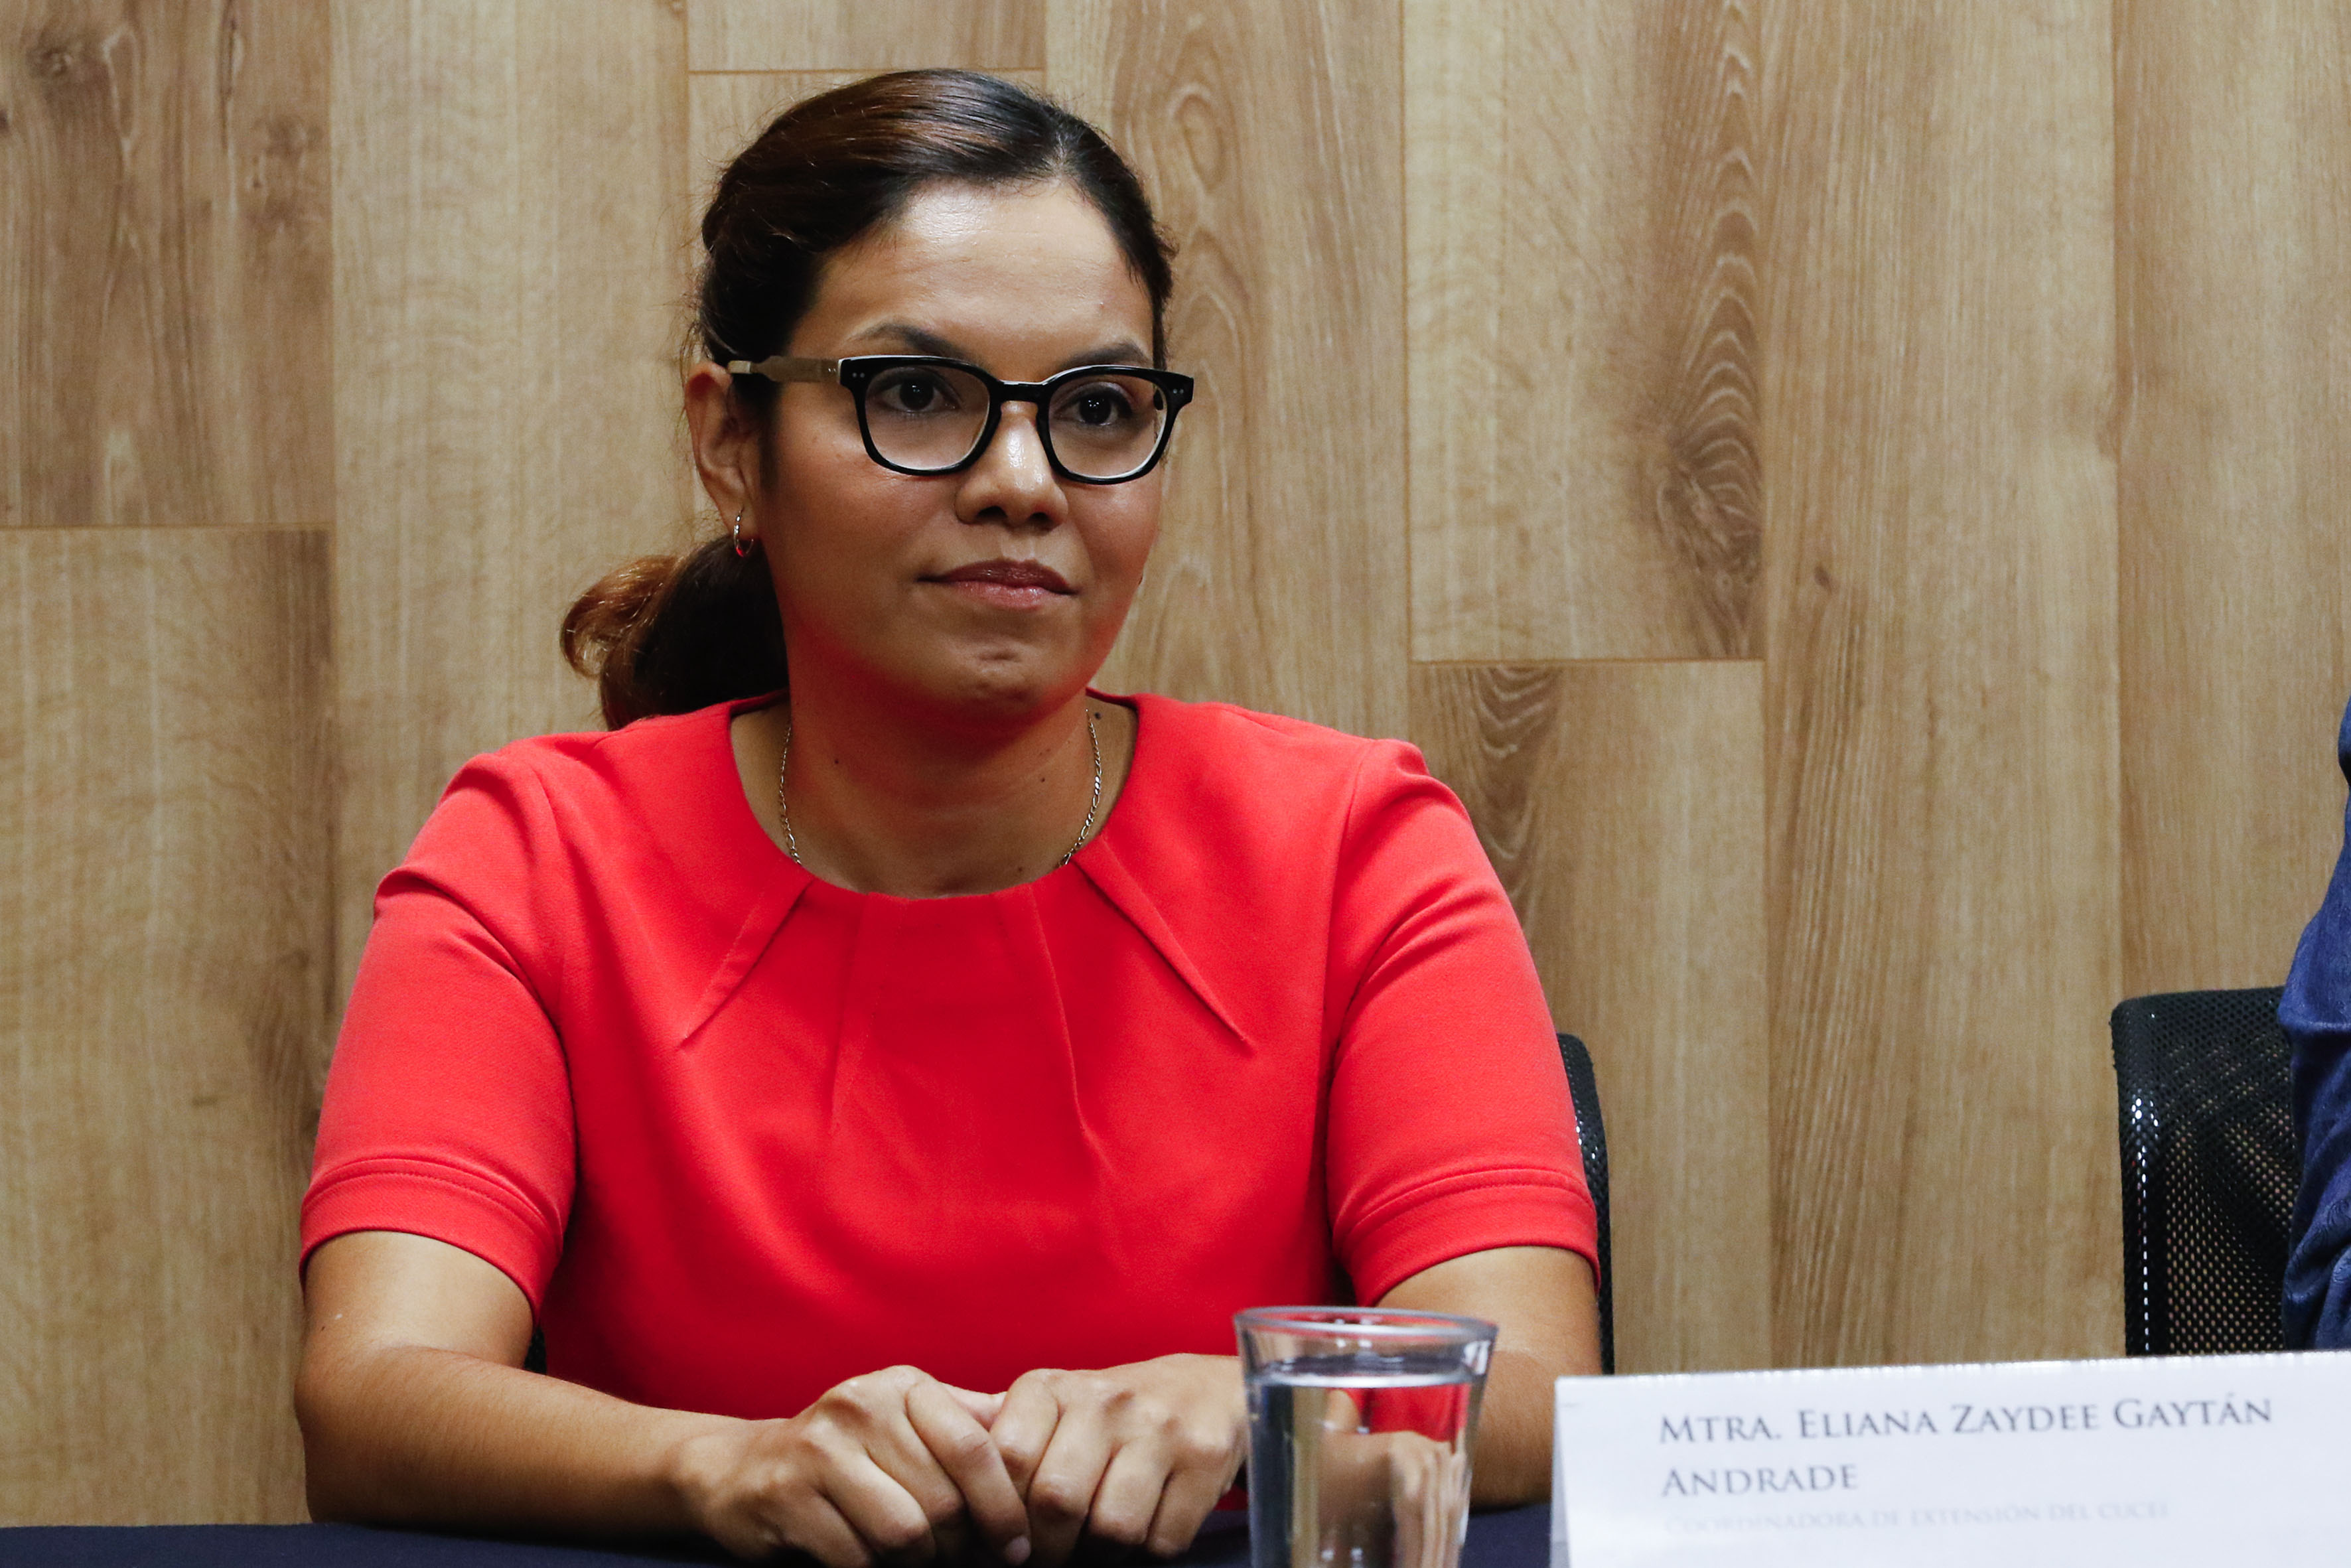 Maestra Eliana Gaytán Andrade, coordinadora de Extensión del CUCEI.